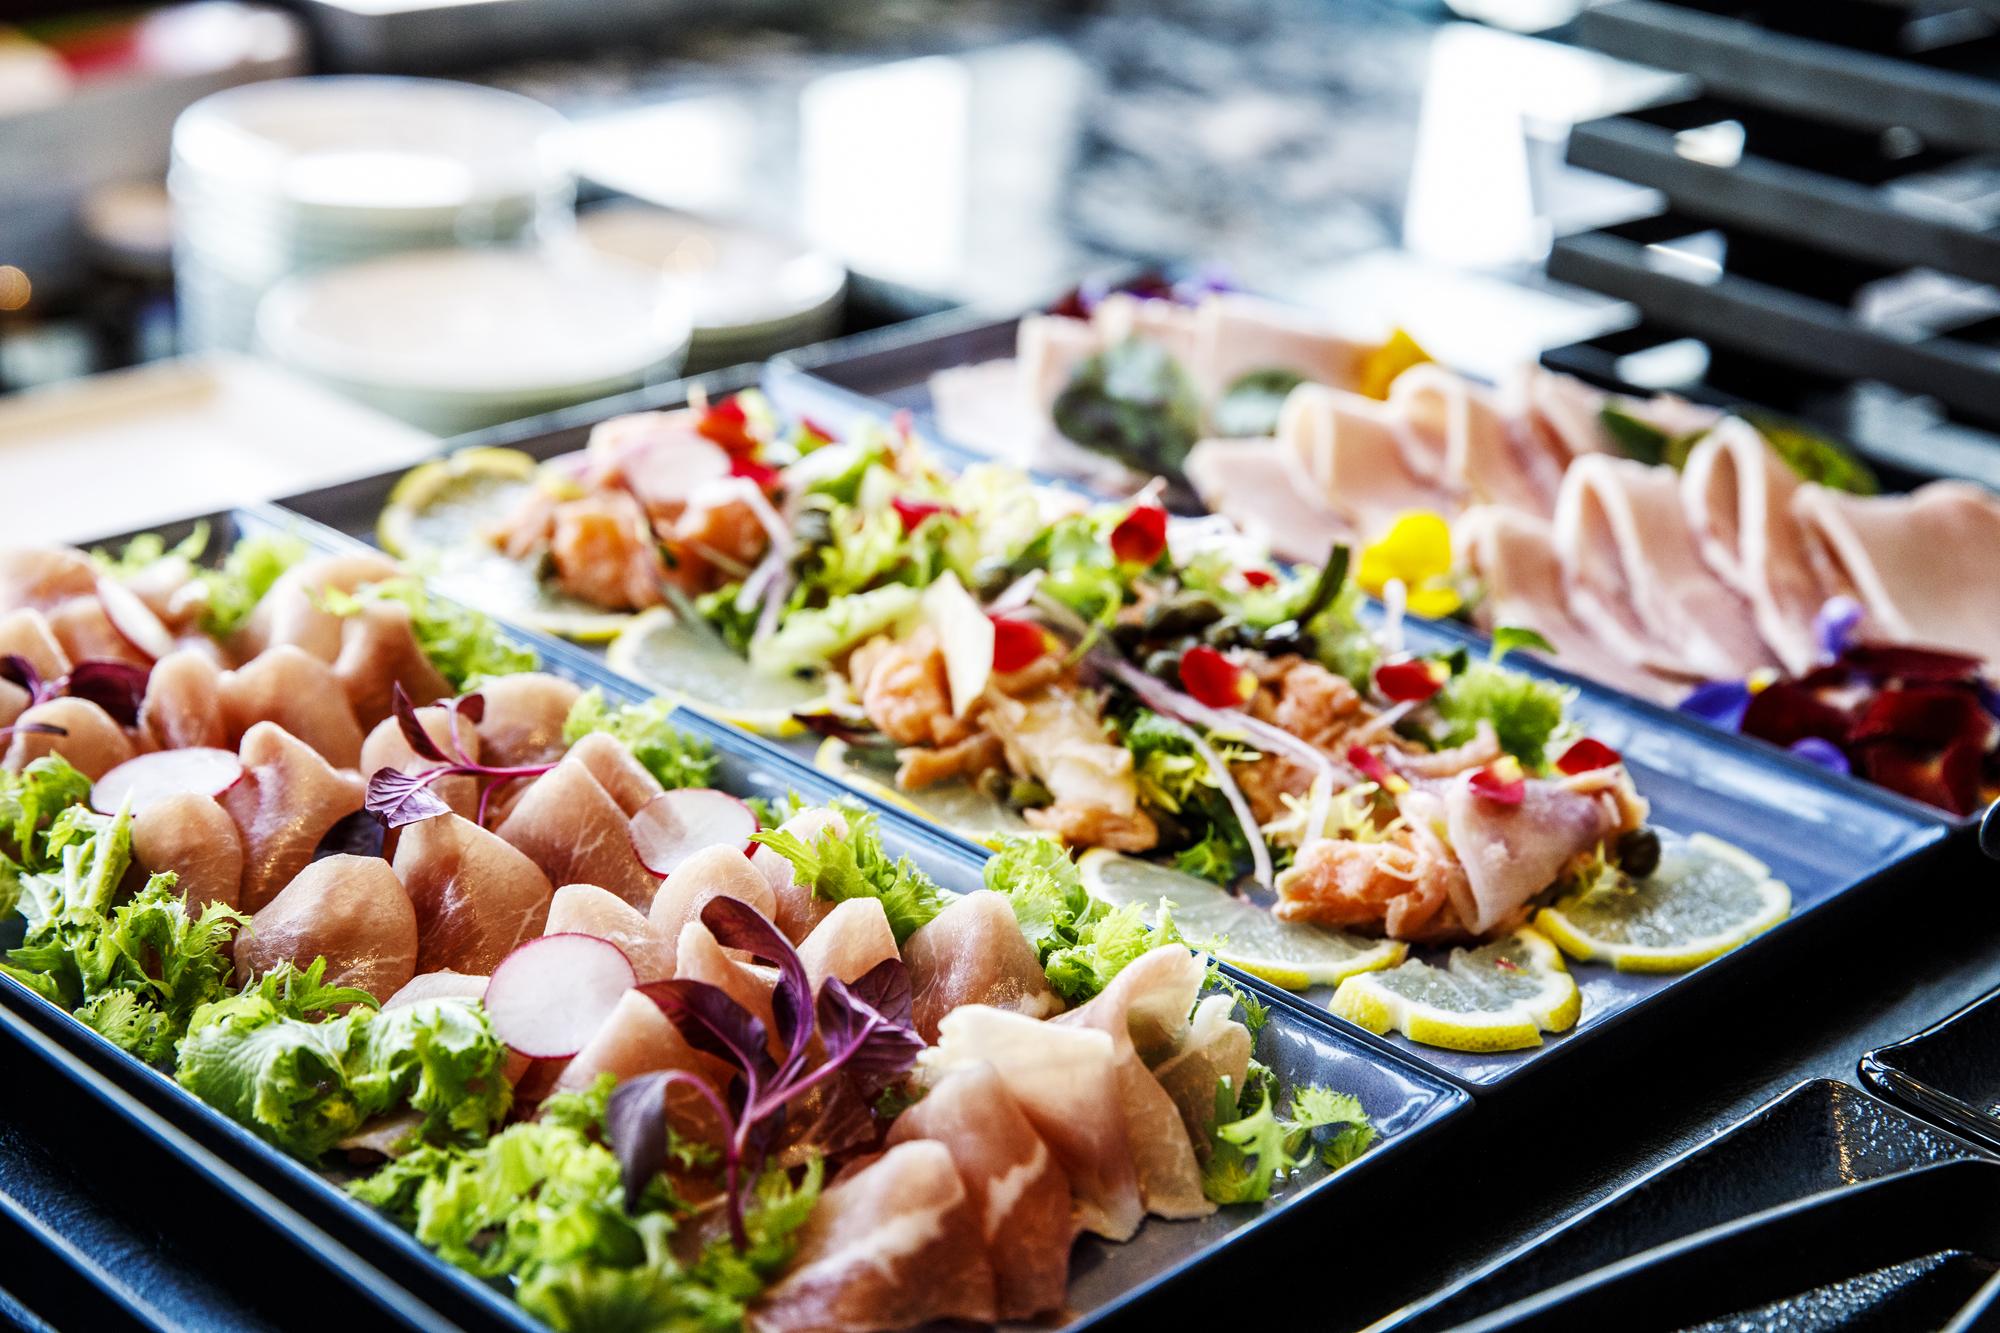 東京を一望できる「TABLE 9 TOKYO」で、大人ないちごブッフェデートはいかが?♡ 【 #いちご 8】_5